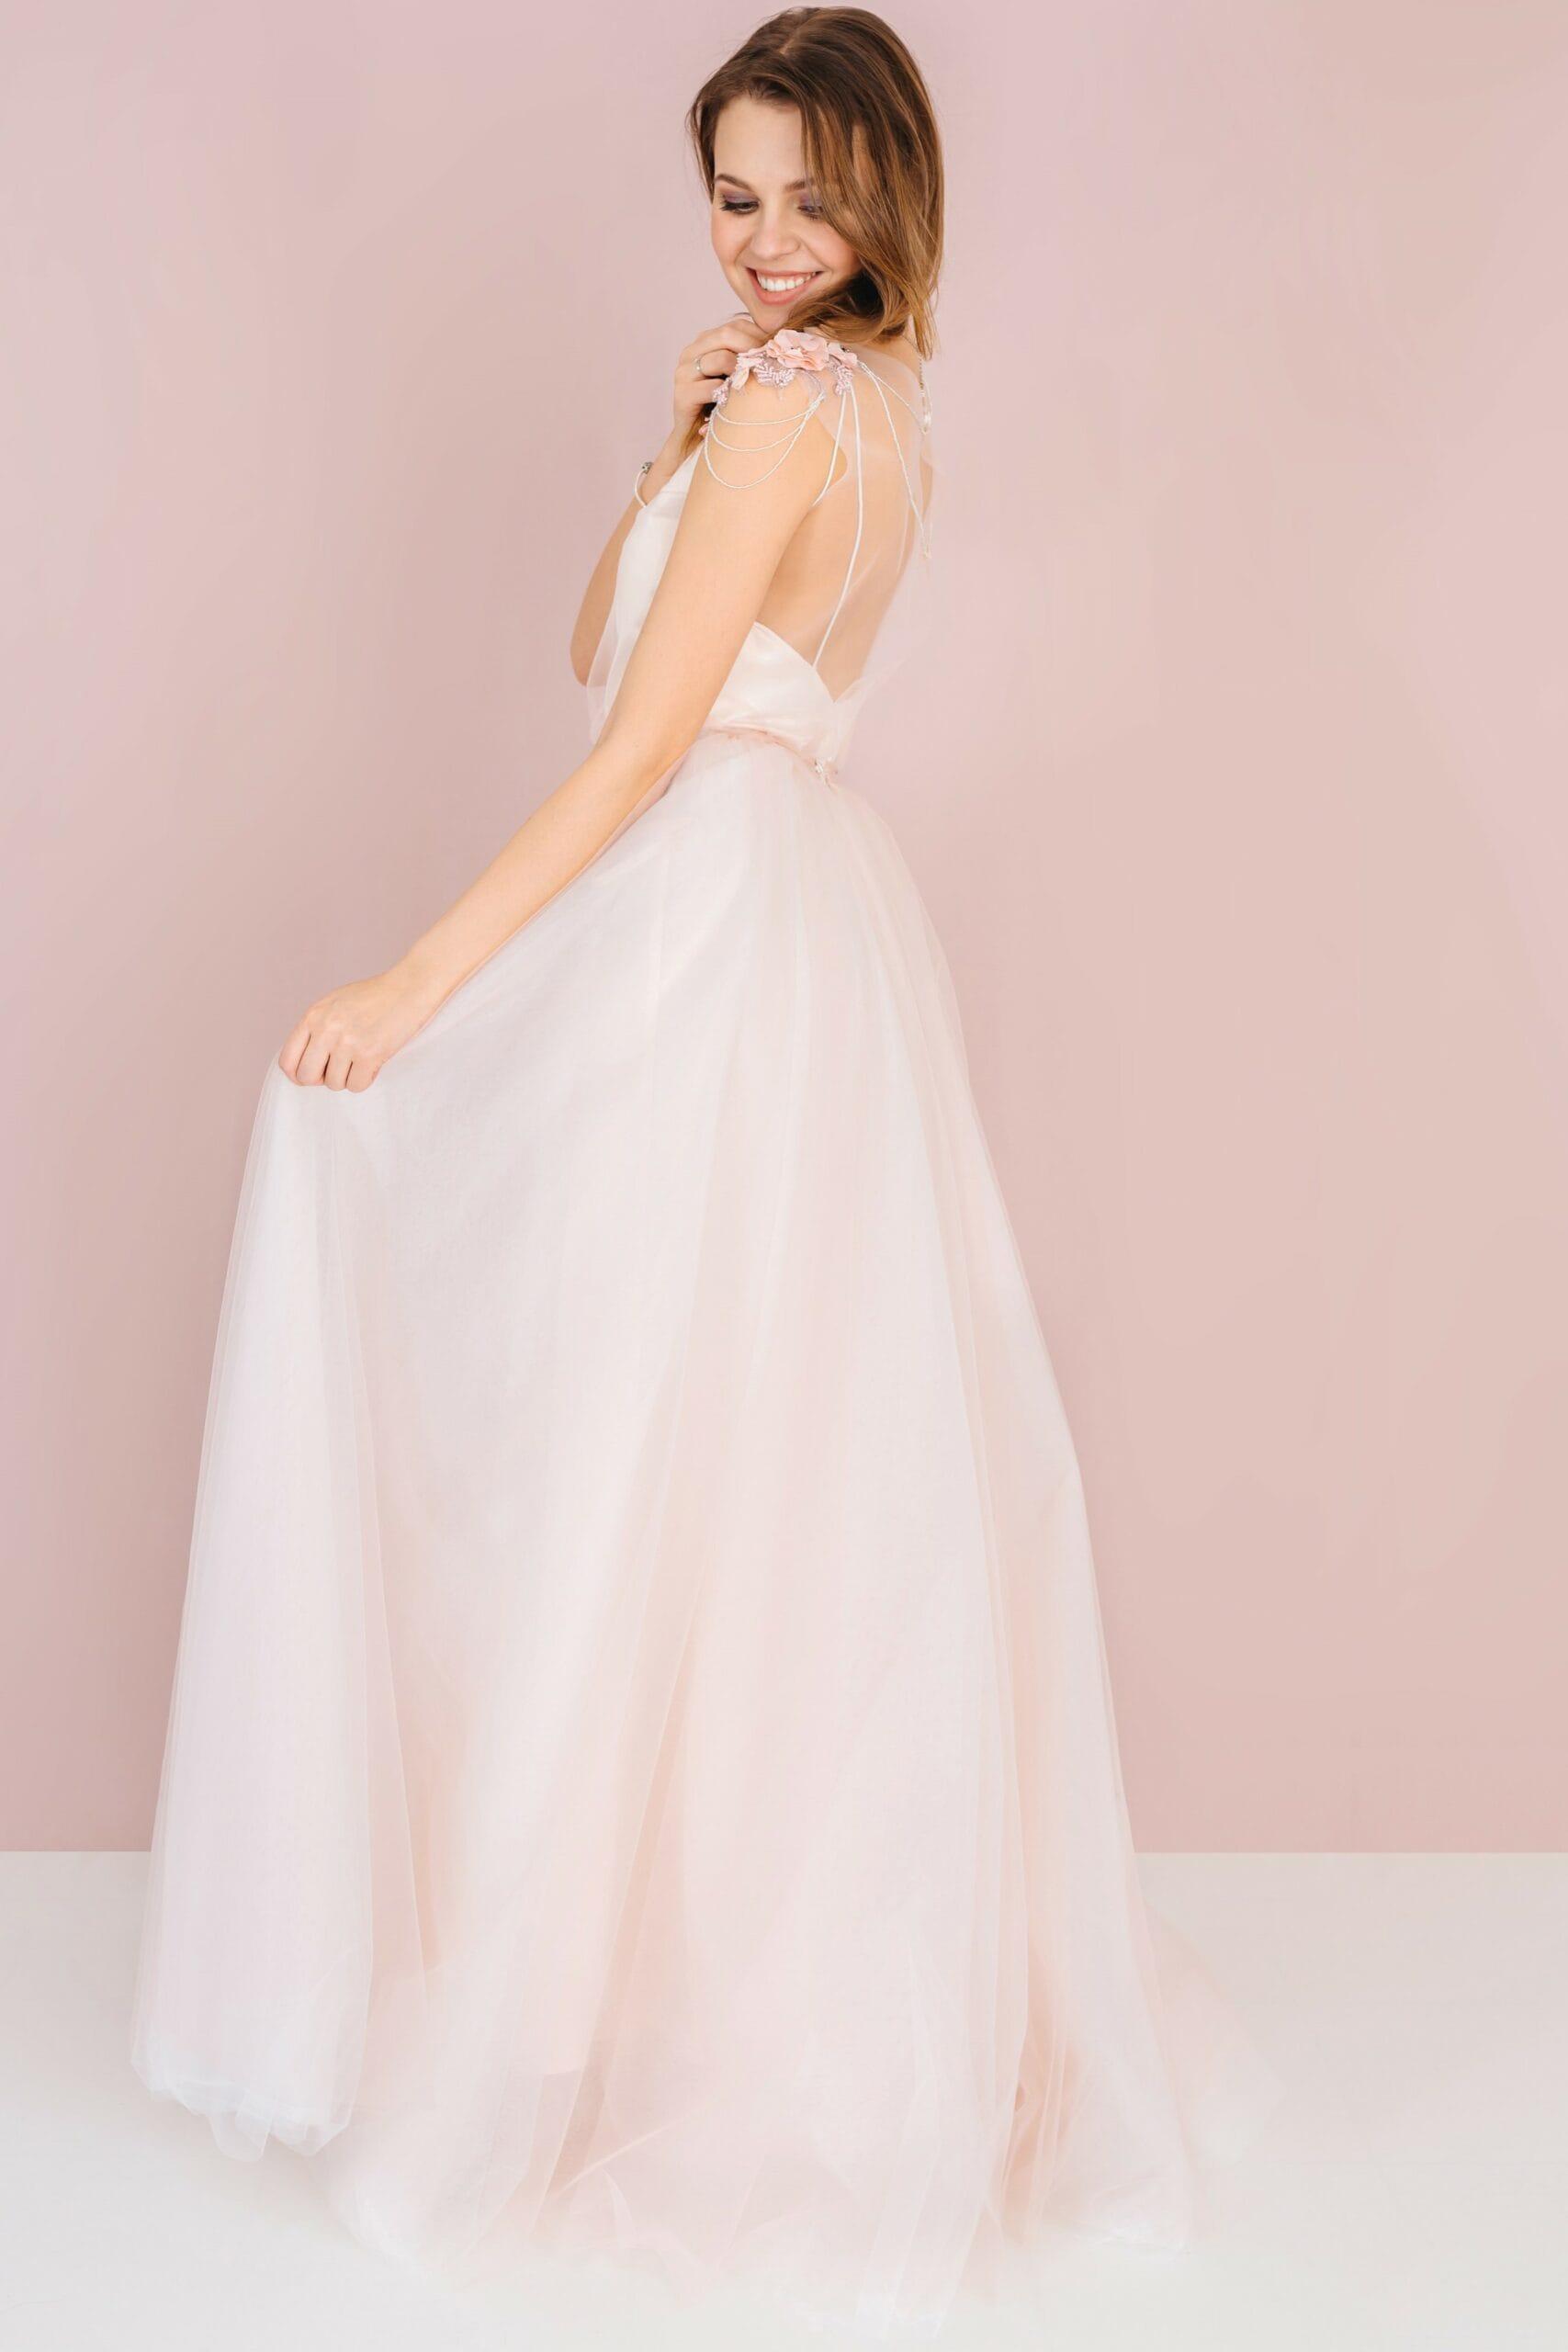 Свадебное платье BRITANY, коллекция LOFT, бренд RARE BRIDAL, фото 1